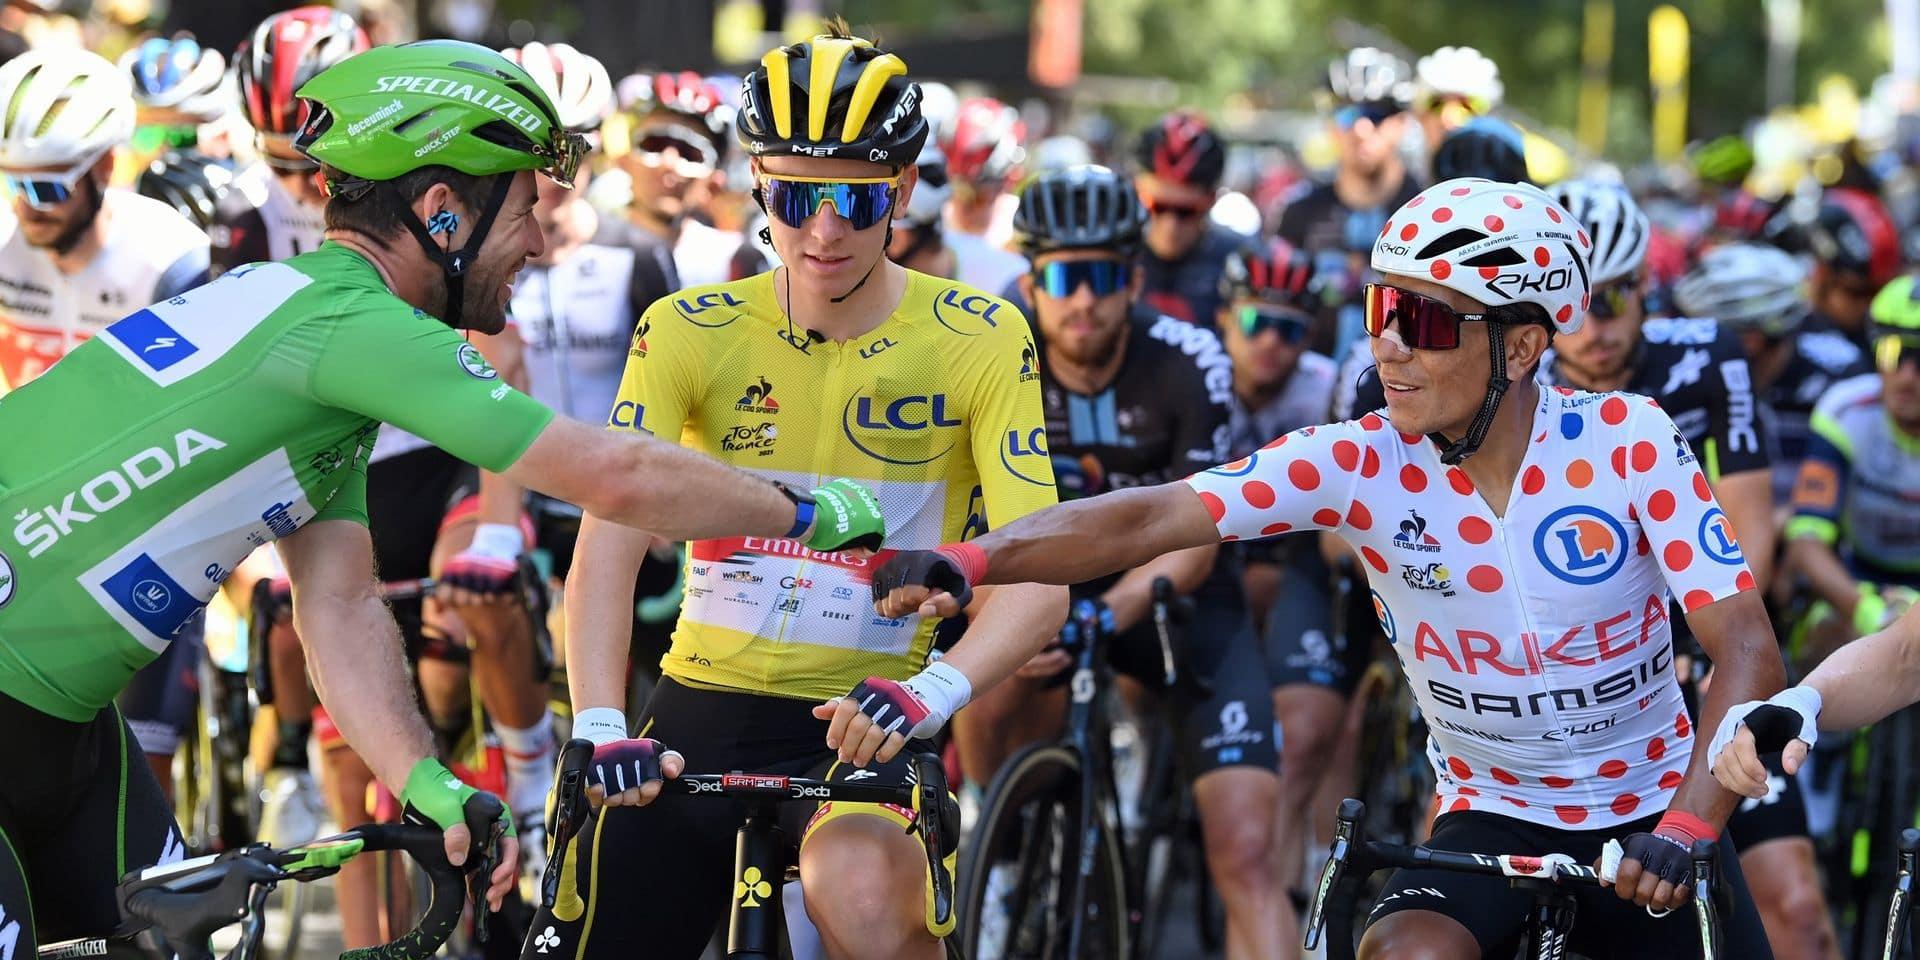 Tour de France: la règle des trois derniers kilomètres sera adaptée lors de la 13e étape vendredi